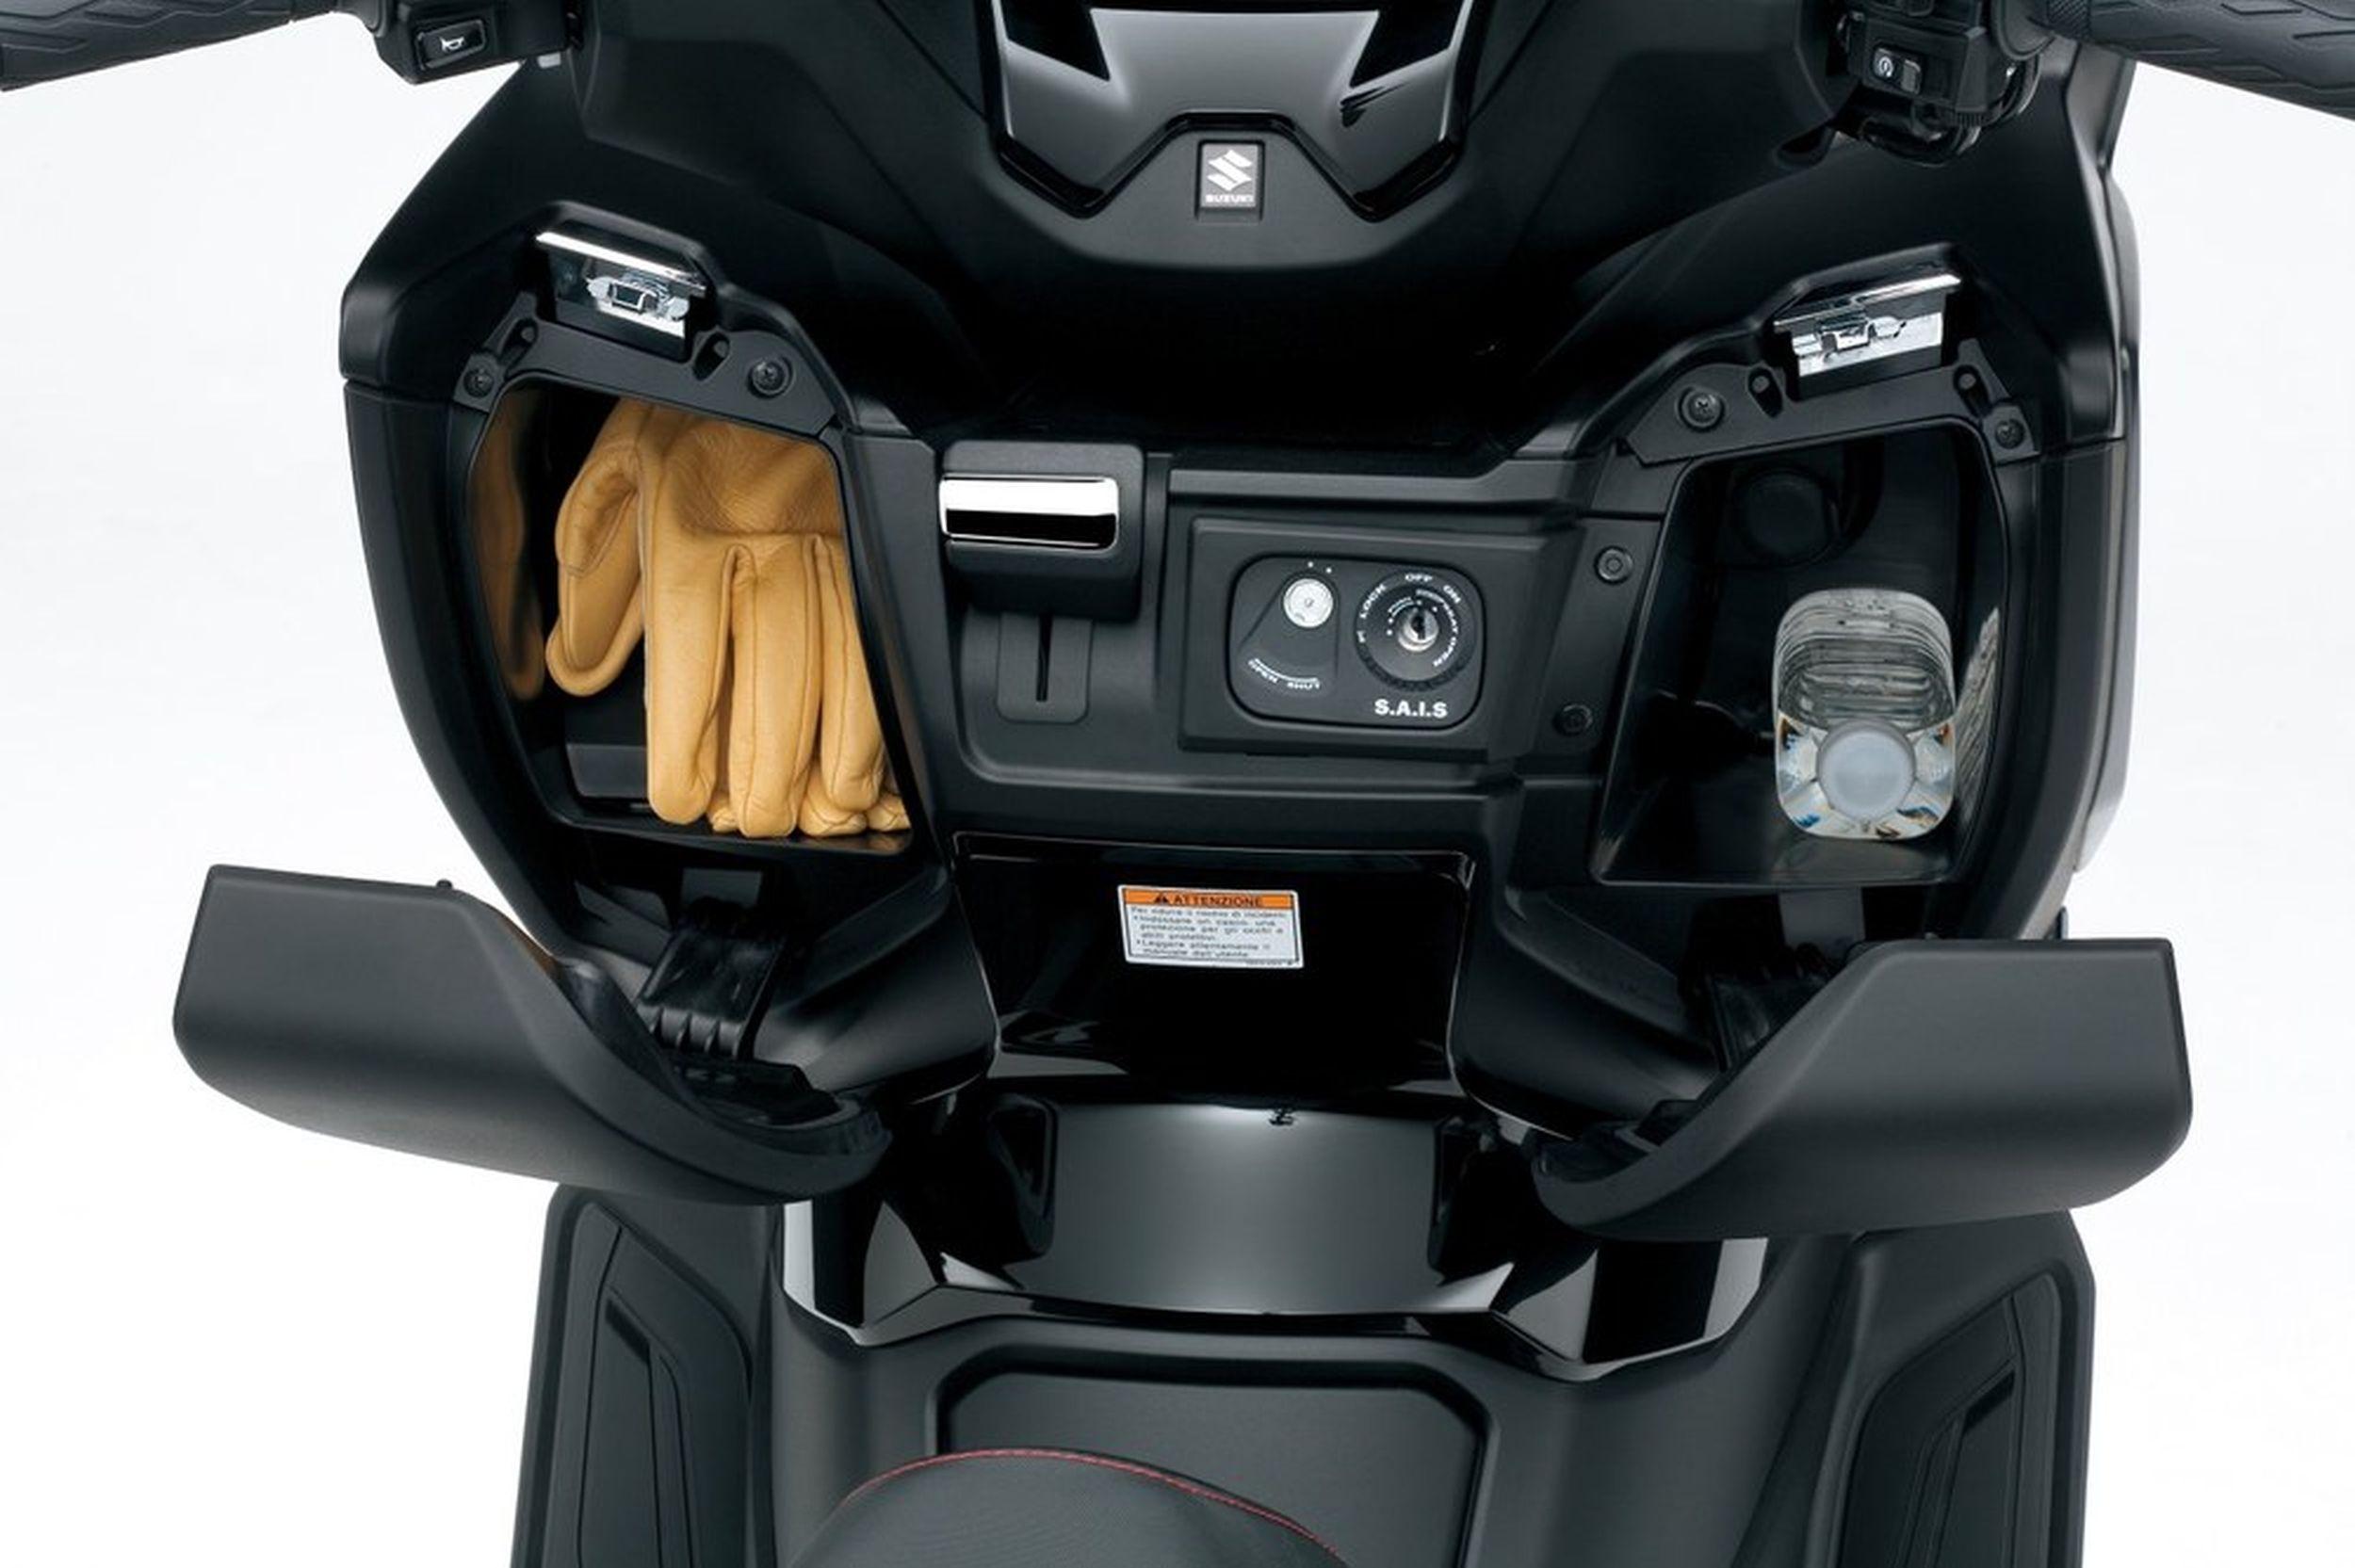 Gebrauchte Und Neue Suzuki Burgman 400 Motorr 228 Der Kaufen